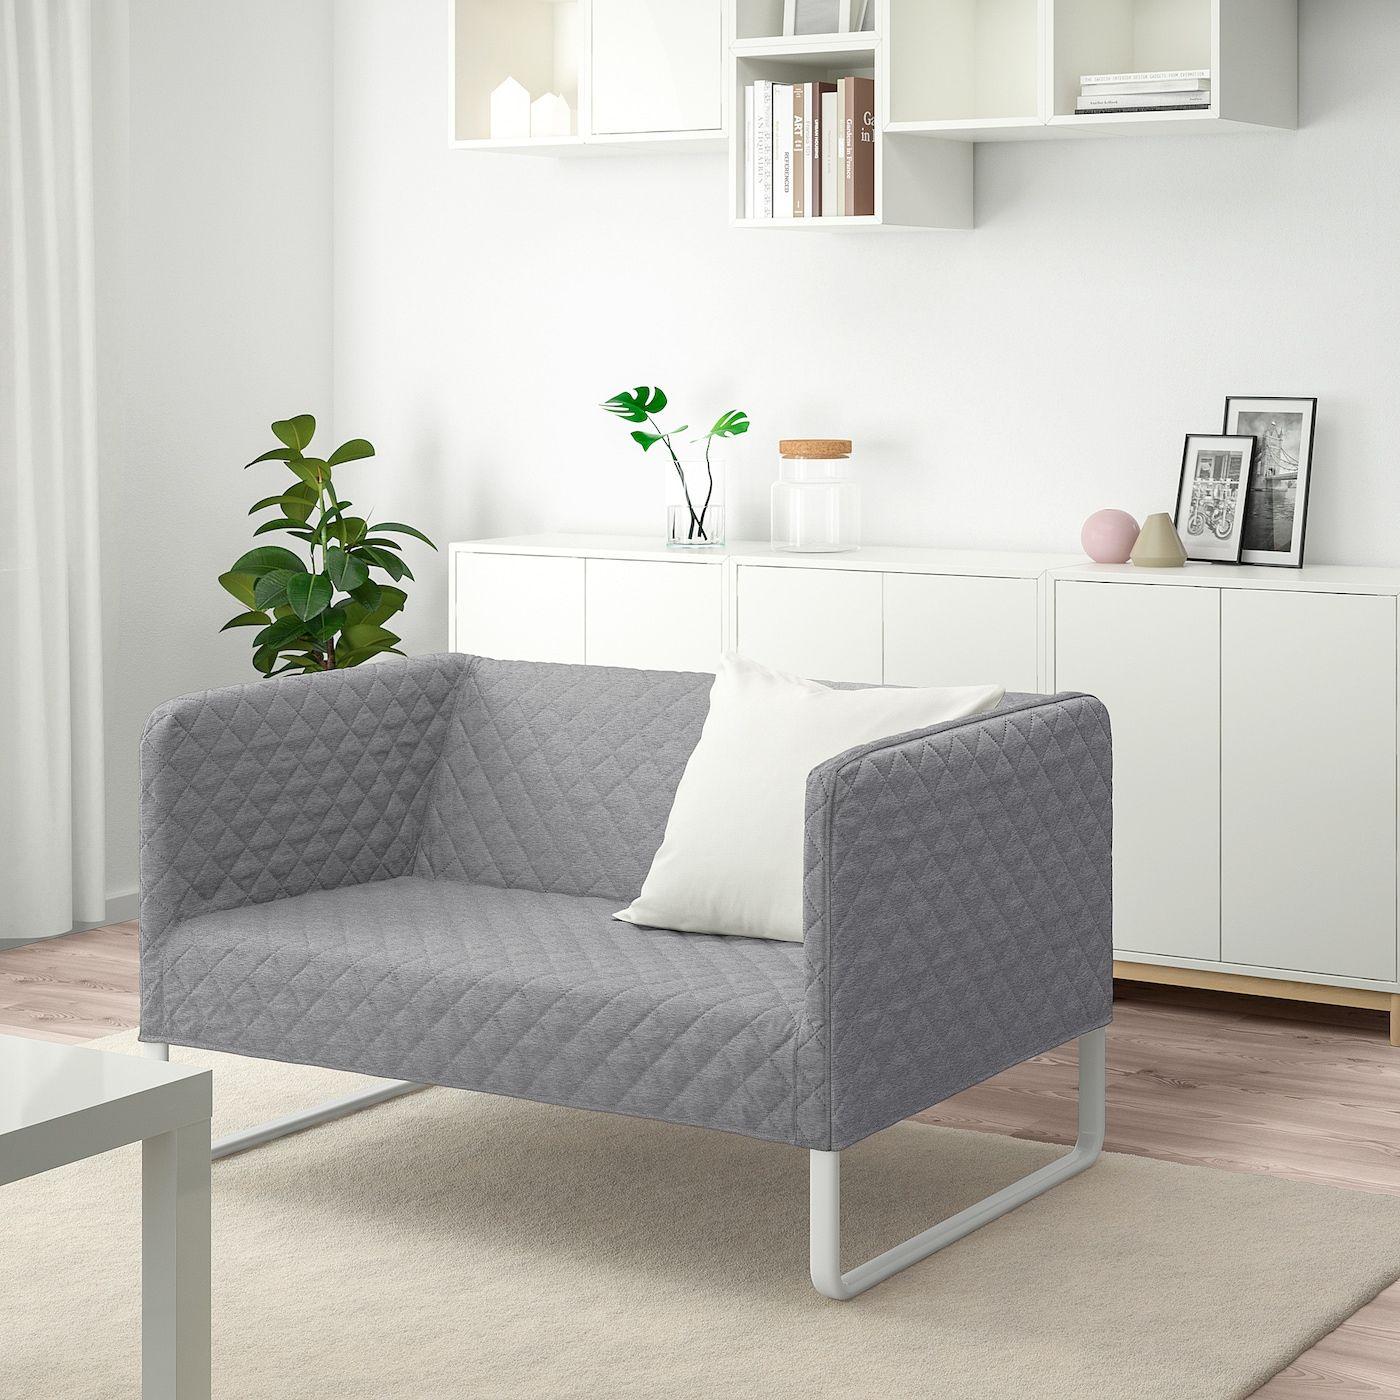 Knopparp 2mistna Pohovka Knisa Svetle Seda Ikea In 2020 2er Sofa Zimmereinrichtung Knopparp Ikea